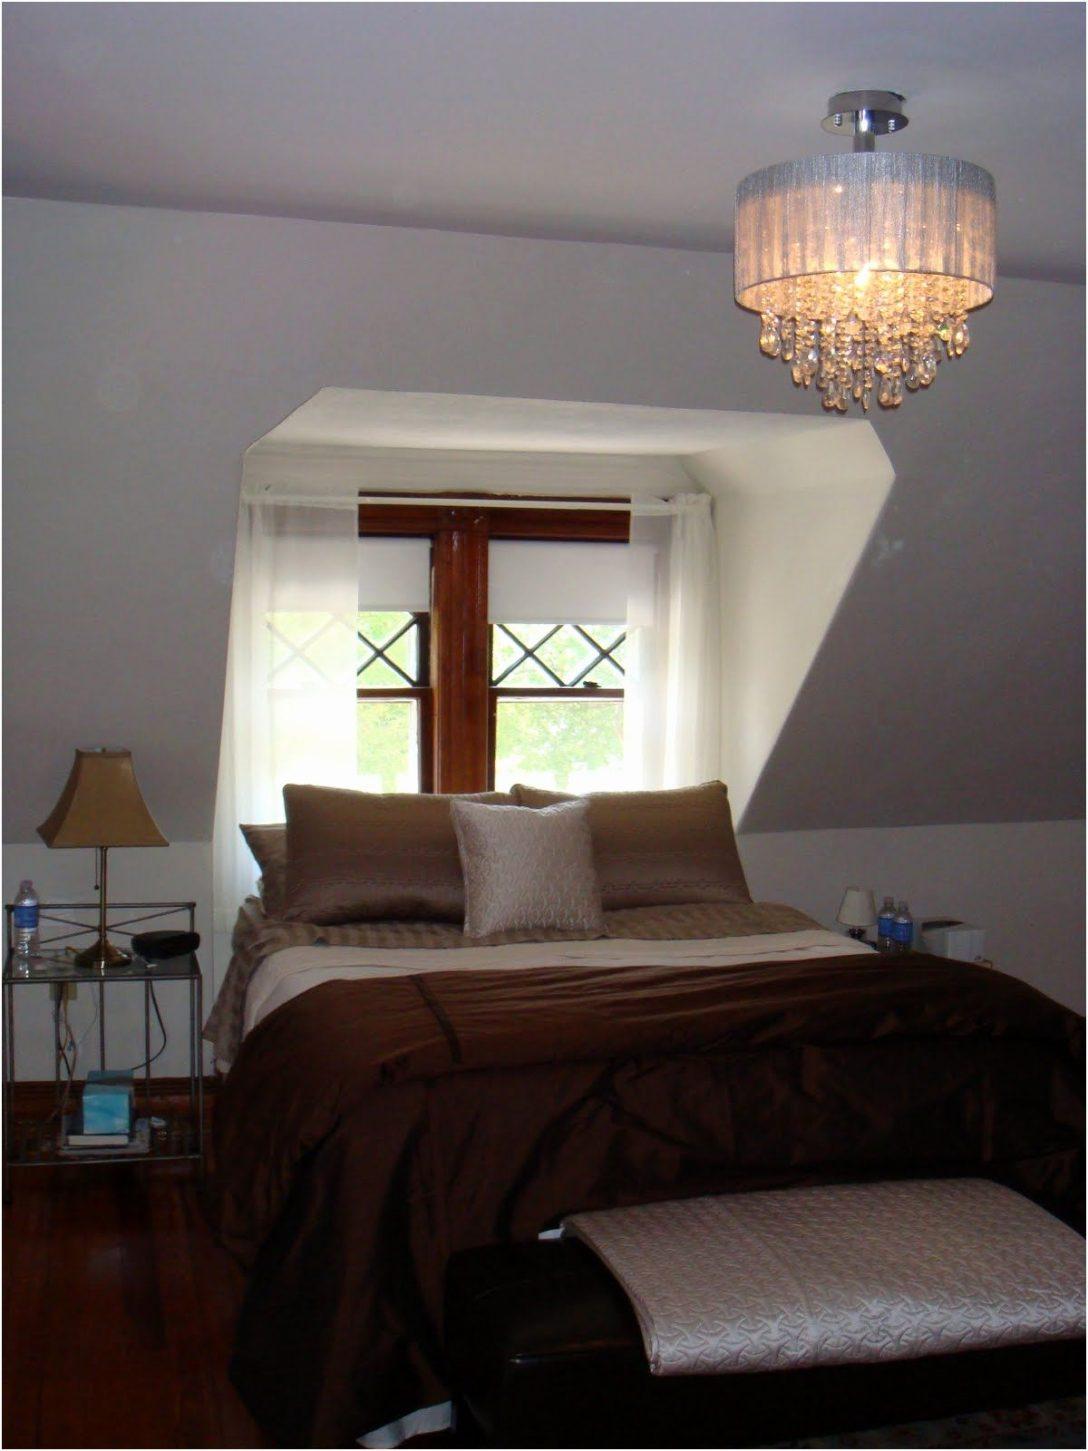 Large Size of Kronleuchter Schlafzimmer Zimmer Deckenleuchten Alle Schwarz Romantische Landhausstil Weiß Betten Deckenleuchte Modern Set Wandtattoo Weißes Schränke Schlafzimmer Kronleuchter Schlafzimmer